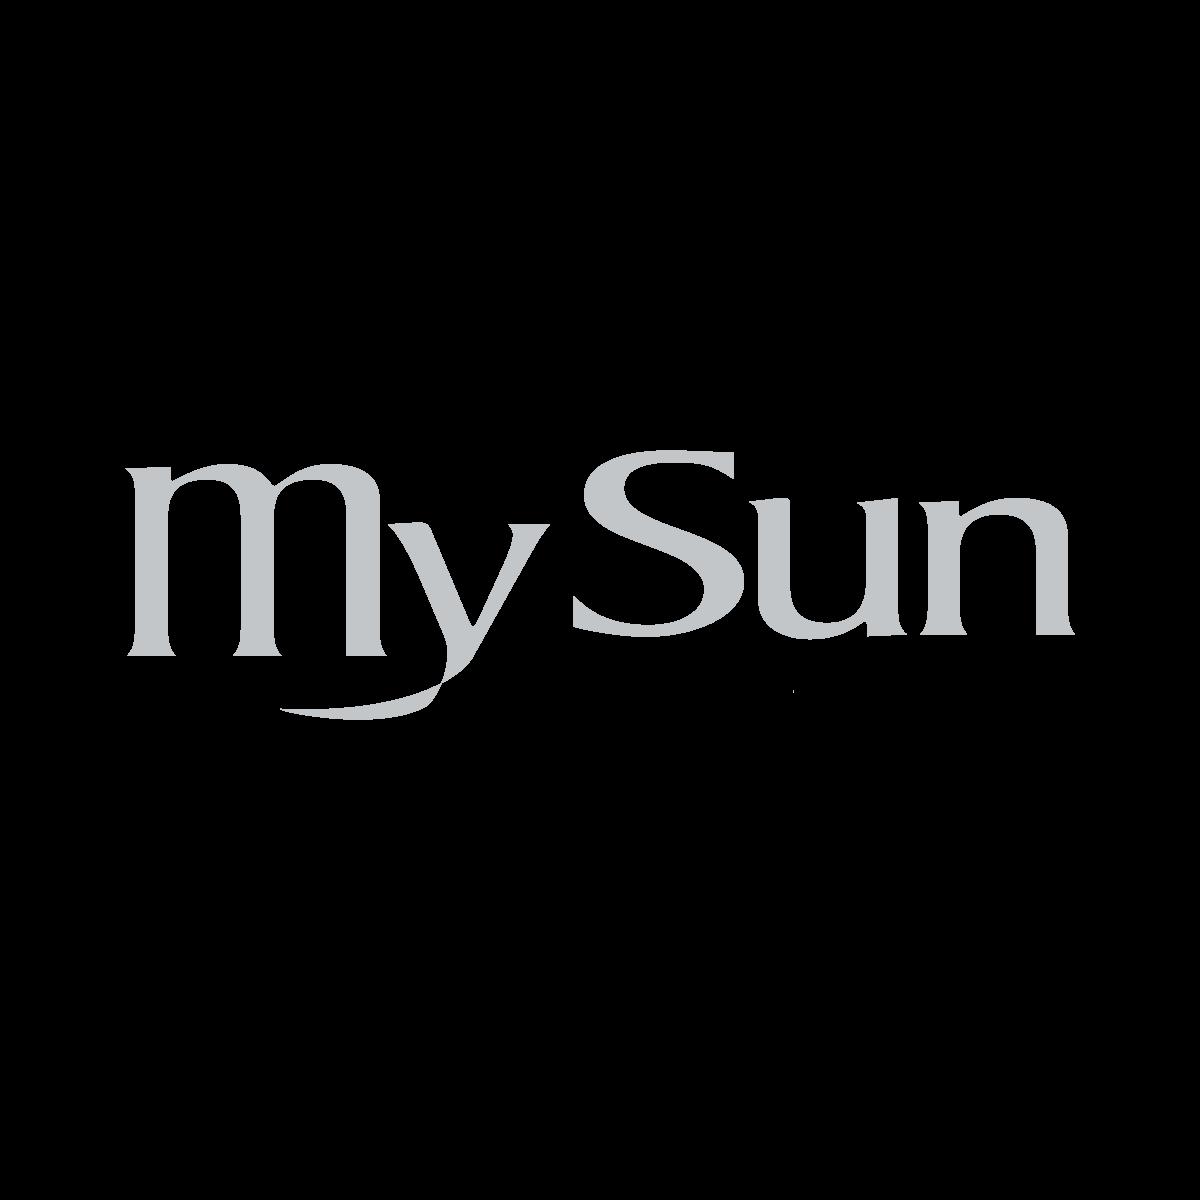 Logo Torna Su